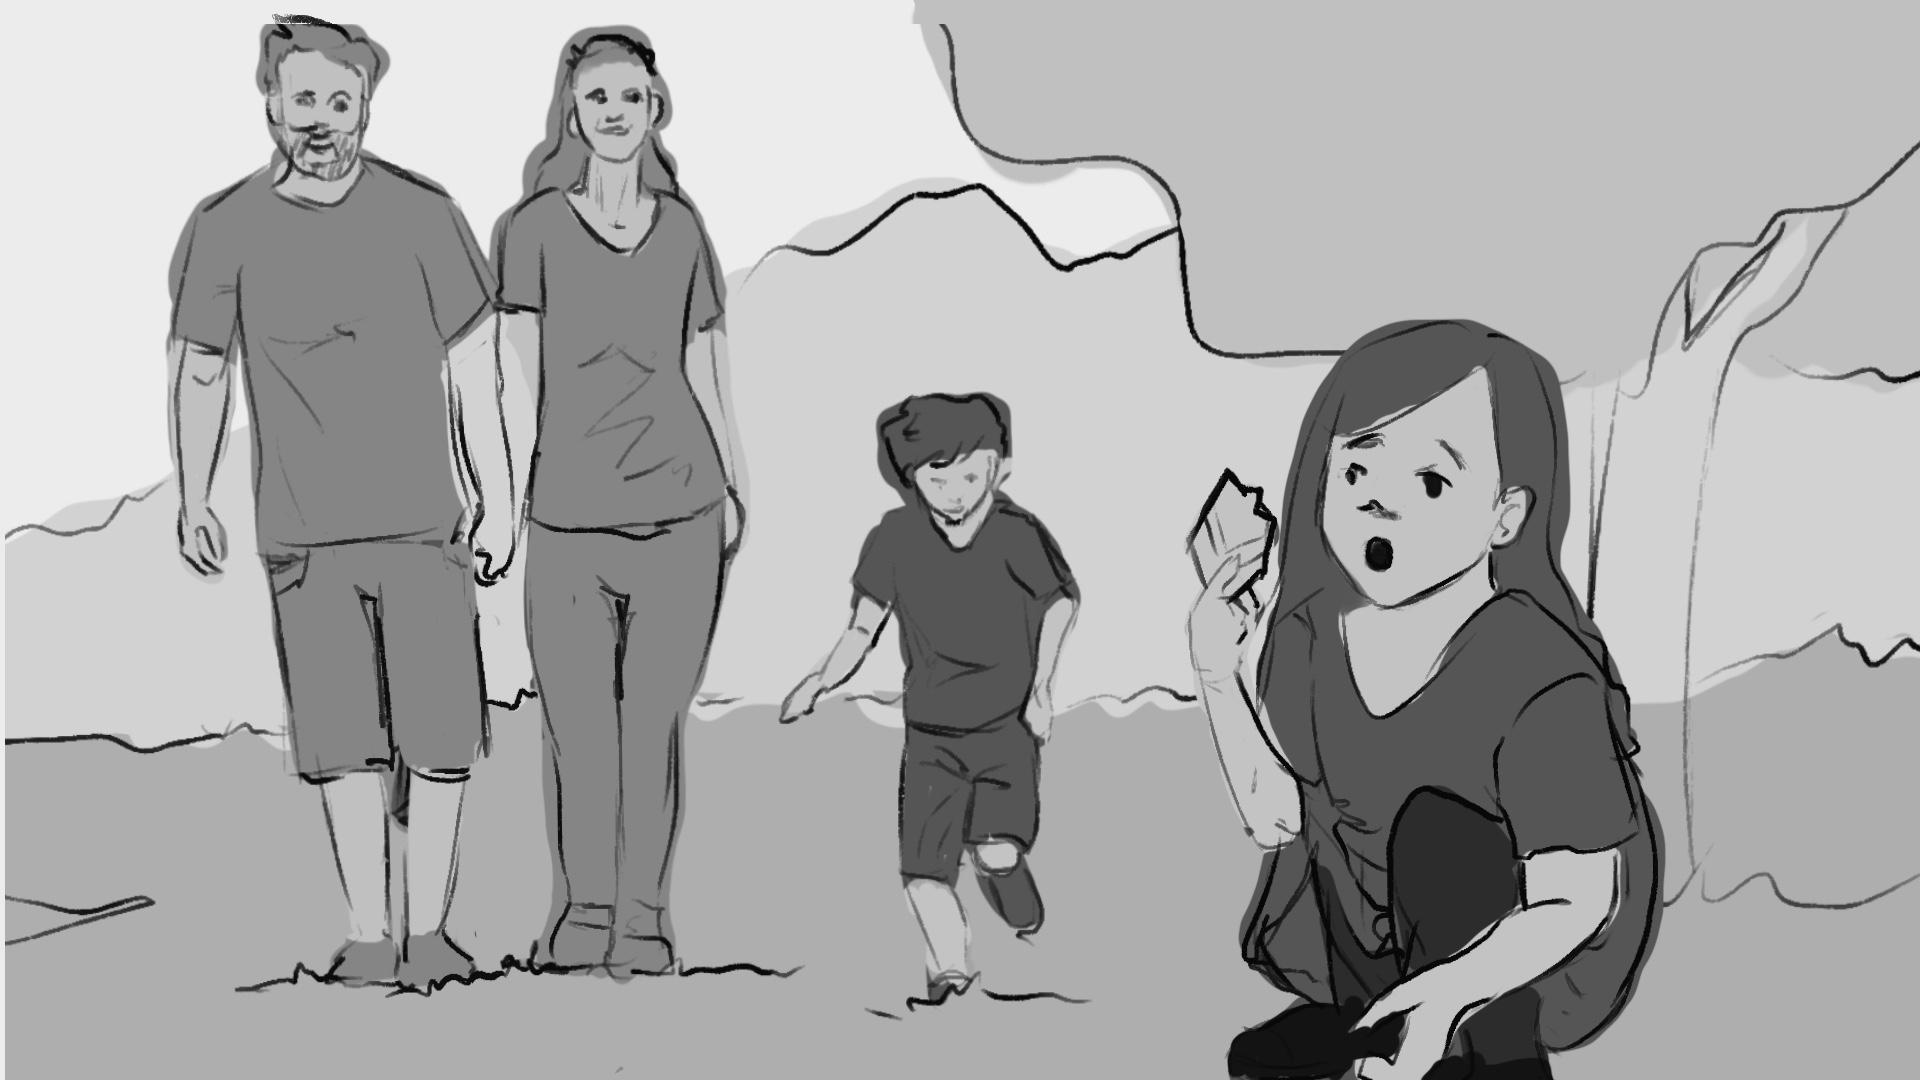 Kreslený storyboard